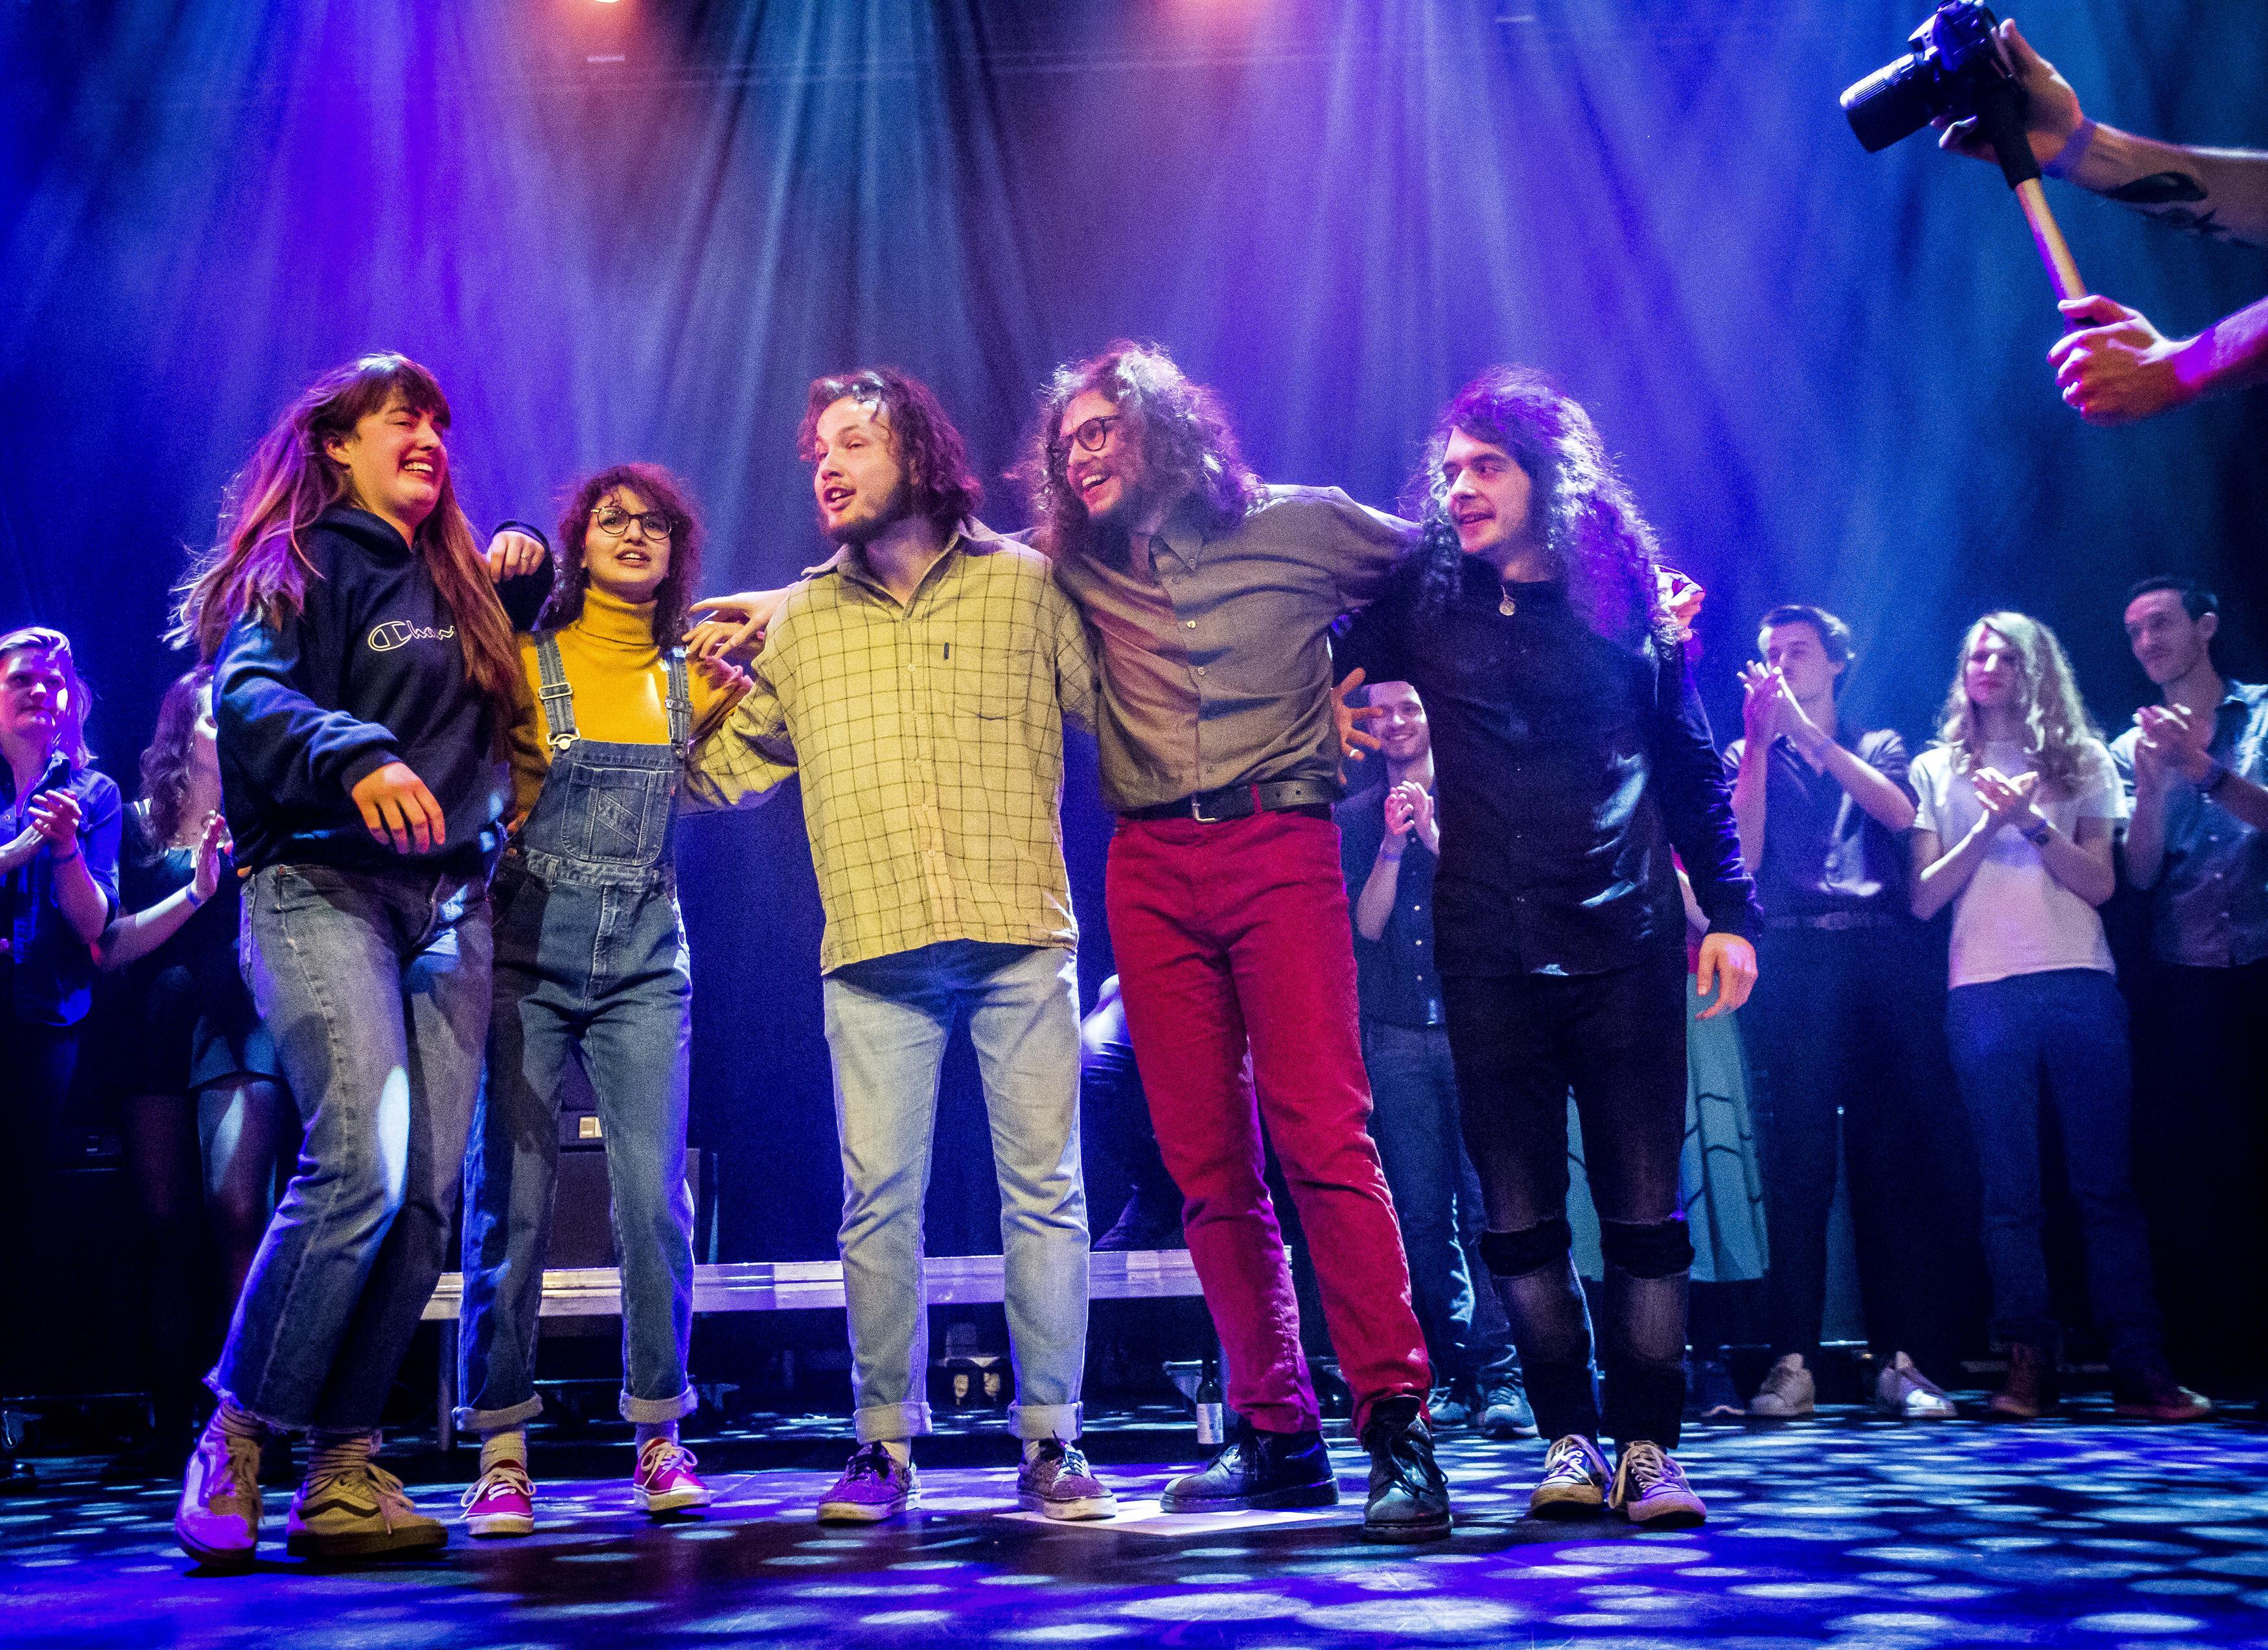 Winkelend publiek kan tijdens Shoppingnight vrijdag in Haarlem zomaar op een concert van Nemsis stuiten